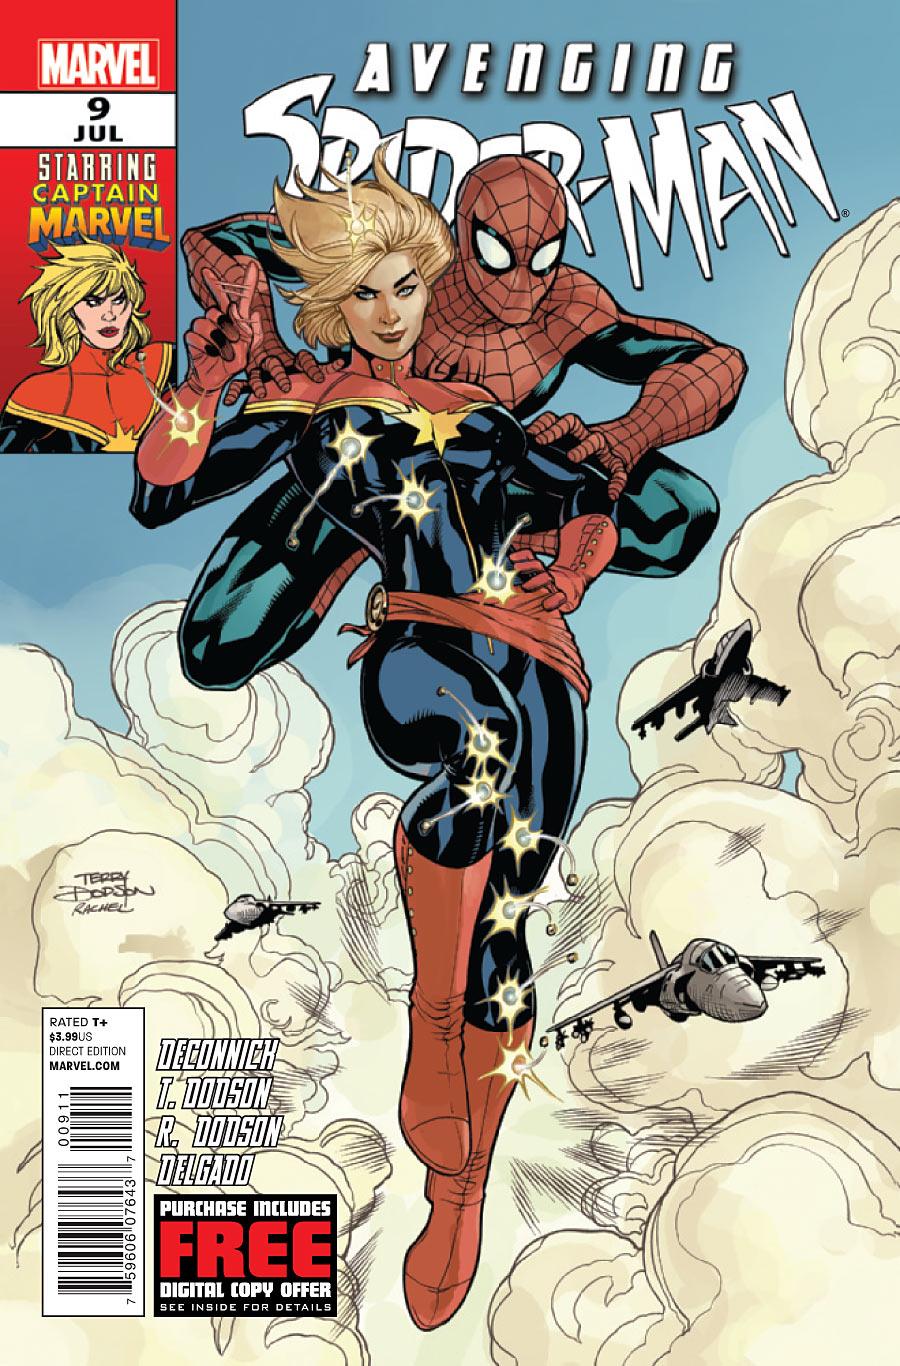 avenging spider-man 9 ile ilgili görsel sonucu